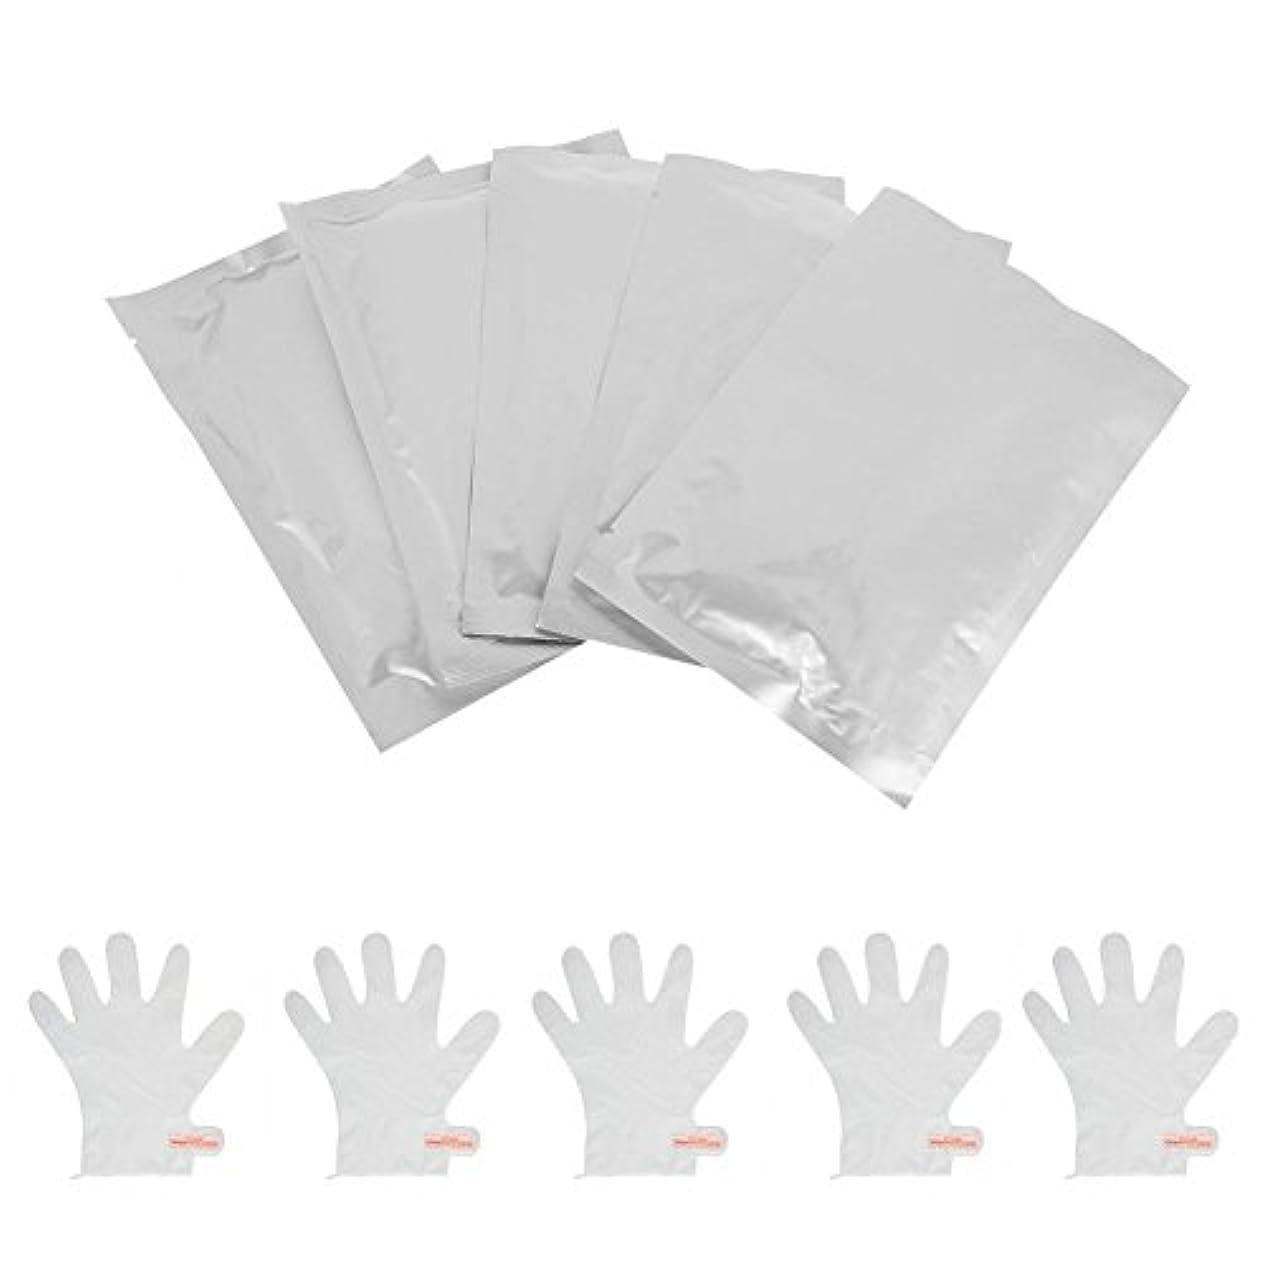 誰の入力アプライアンスOchun ハンドマスク ハンドパック しっとり 保湿ケア 手荒れを防ぐ 乾燥の季節に適用 手袋のようにはめるだけ 10枚セット